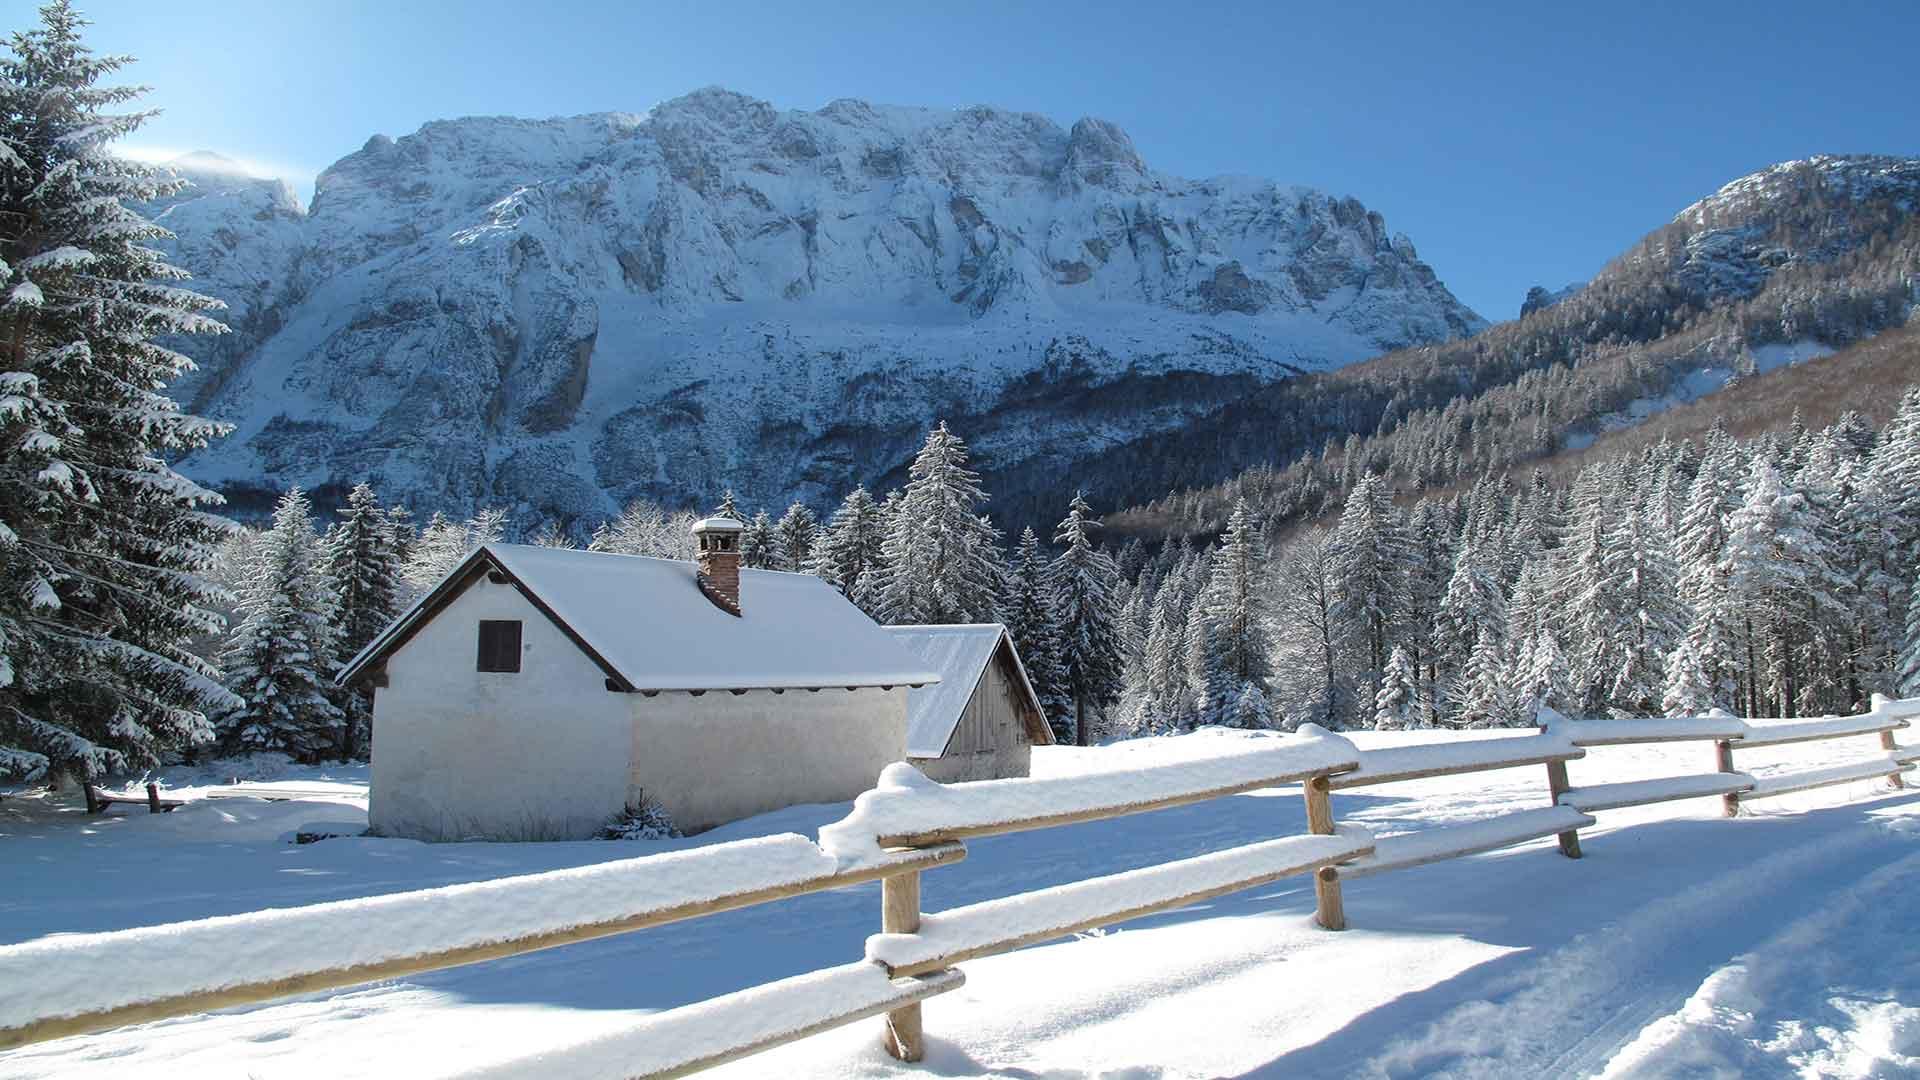 Escursioni Invernali Parco Naturale Prealpi Giulie: L'inverno tra le planine